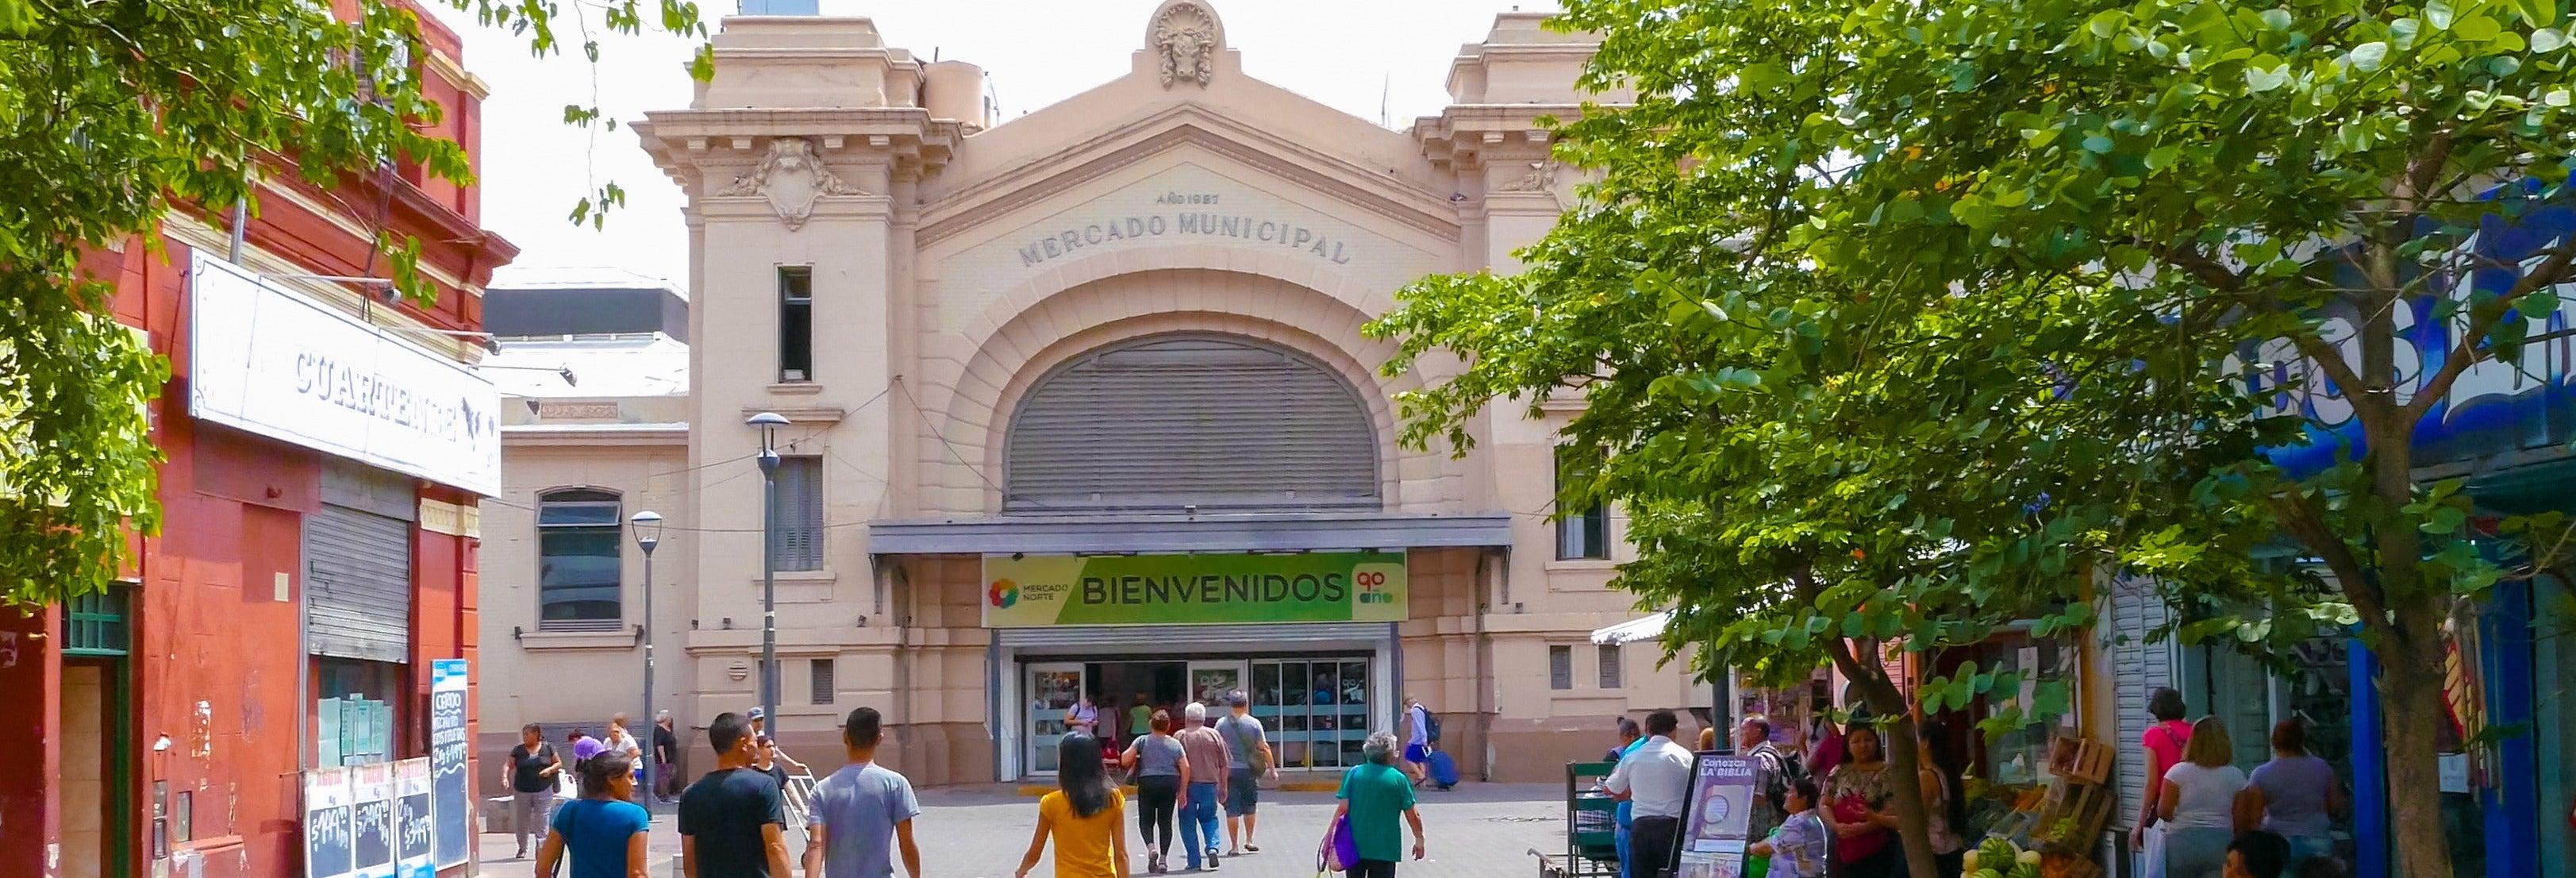 Mercado Norte and The Marquis of Sobremonte Museum Tour